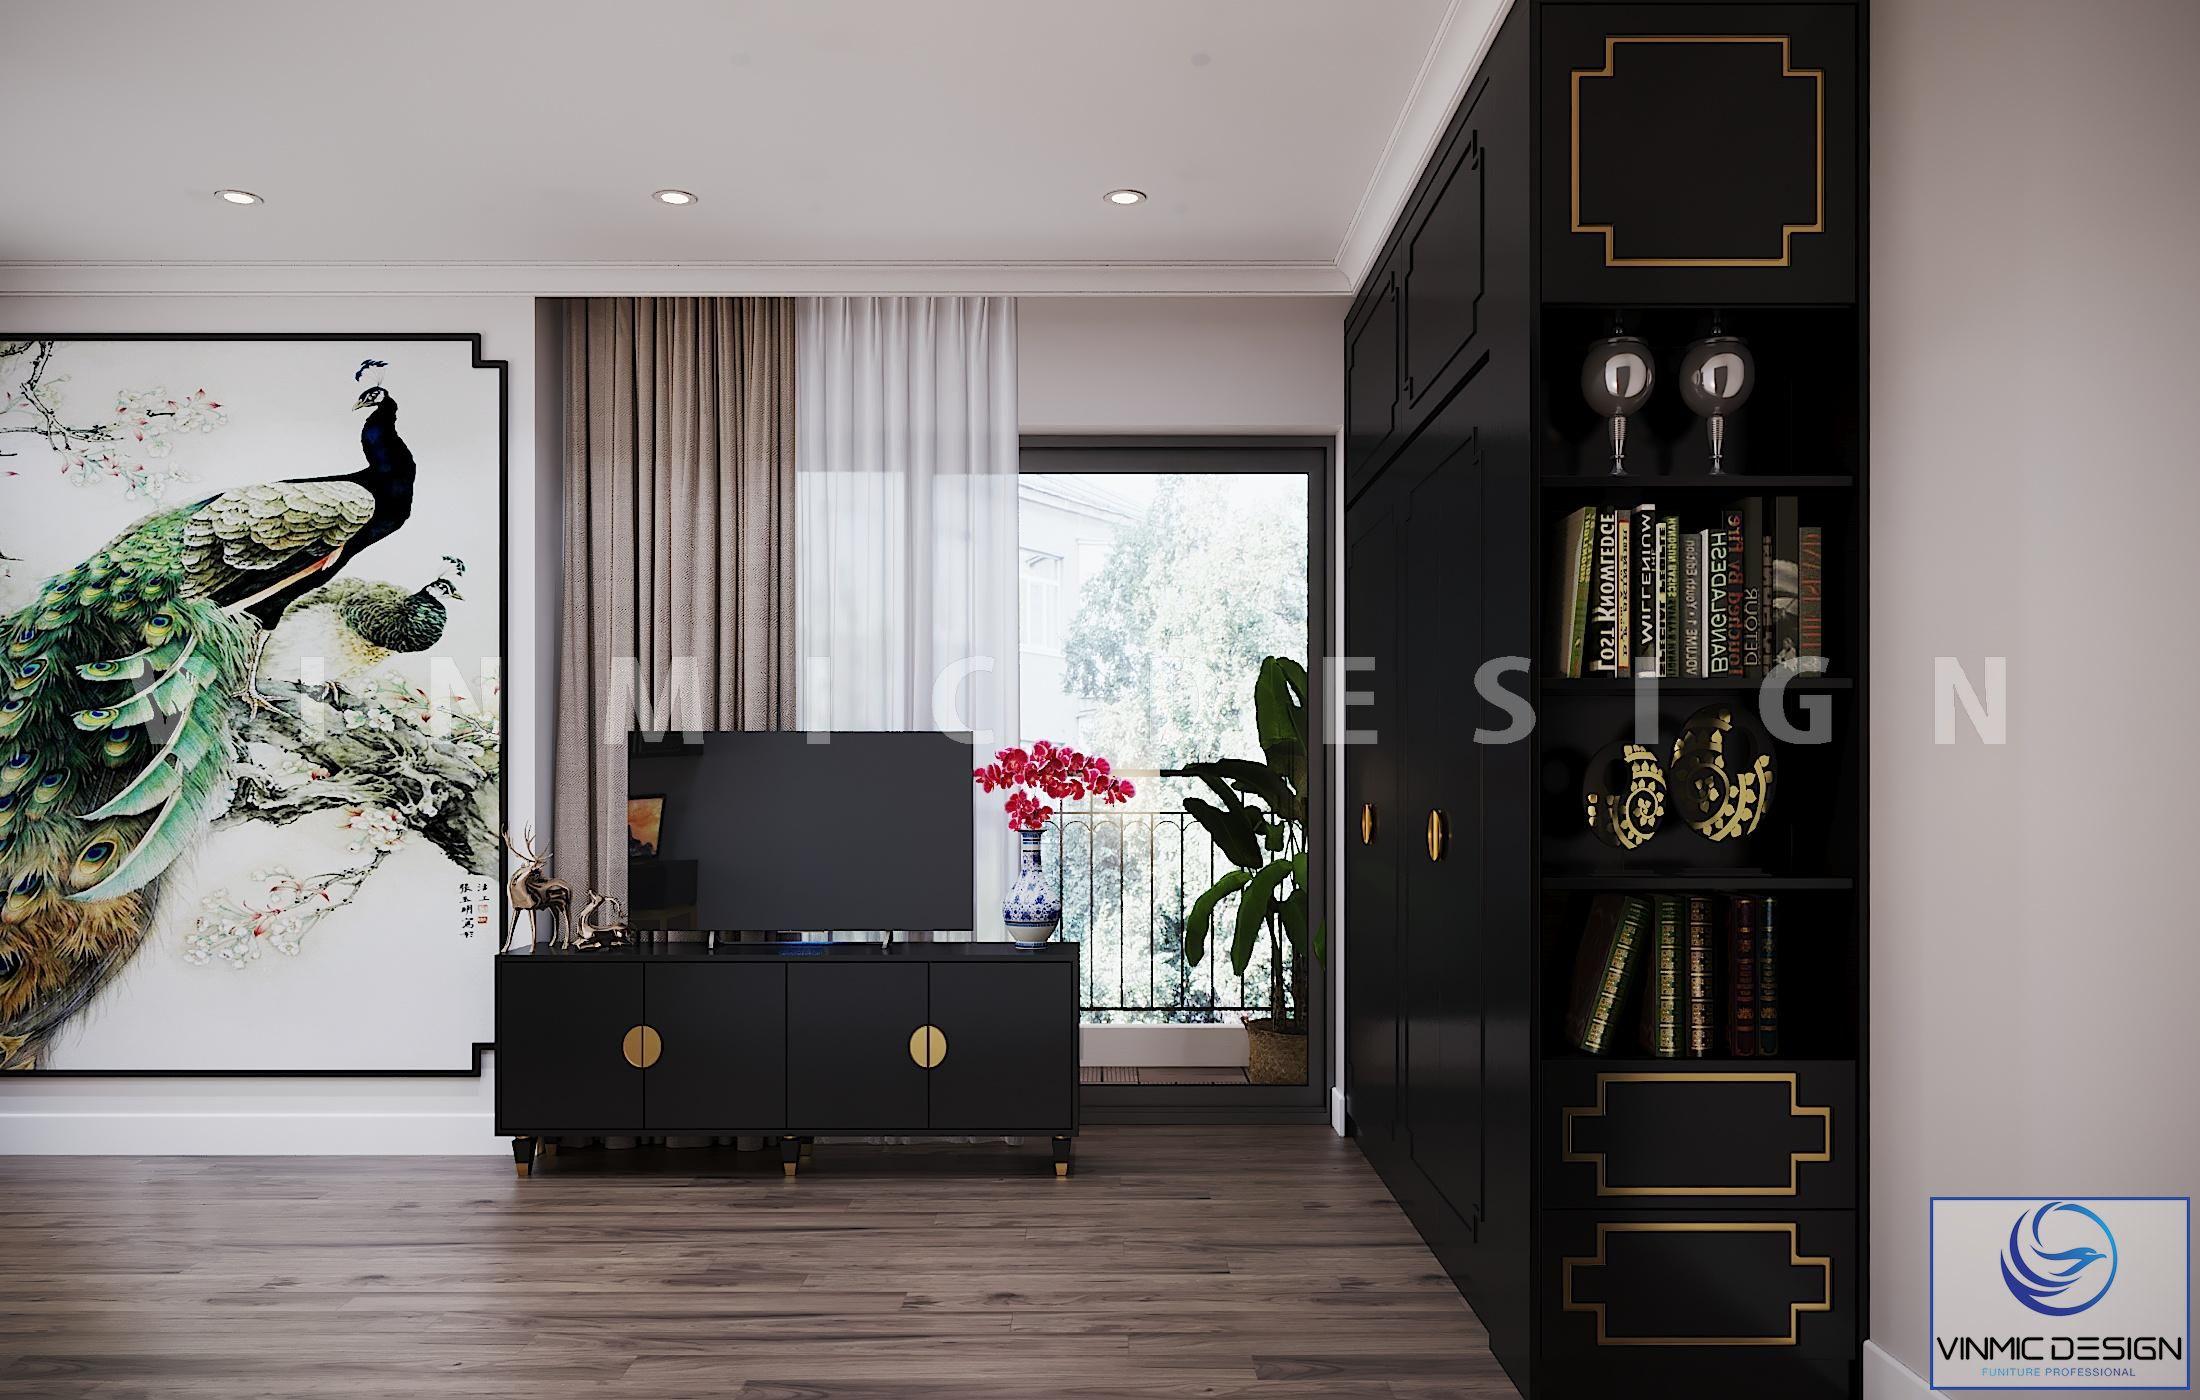 Thiết kế nội thất phòng ngủ phong cách Indochine (Á Đông) sang trọng, tinh tế